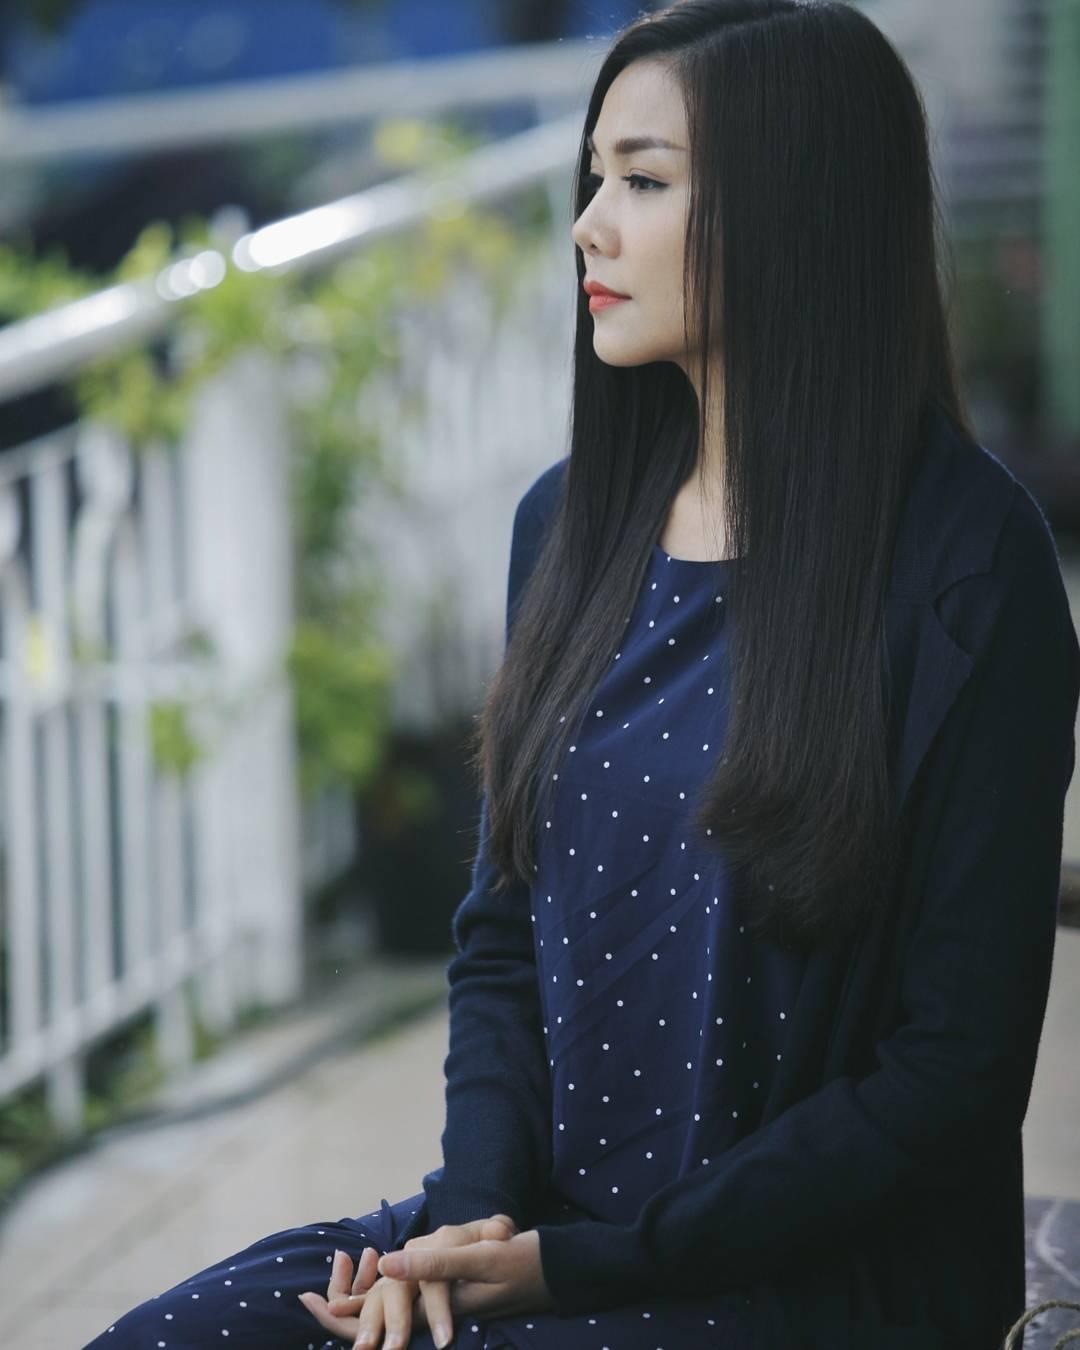 Tóc đen dài truyền thống